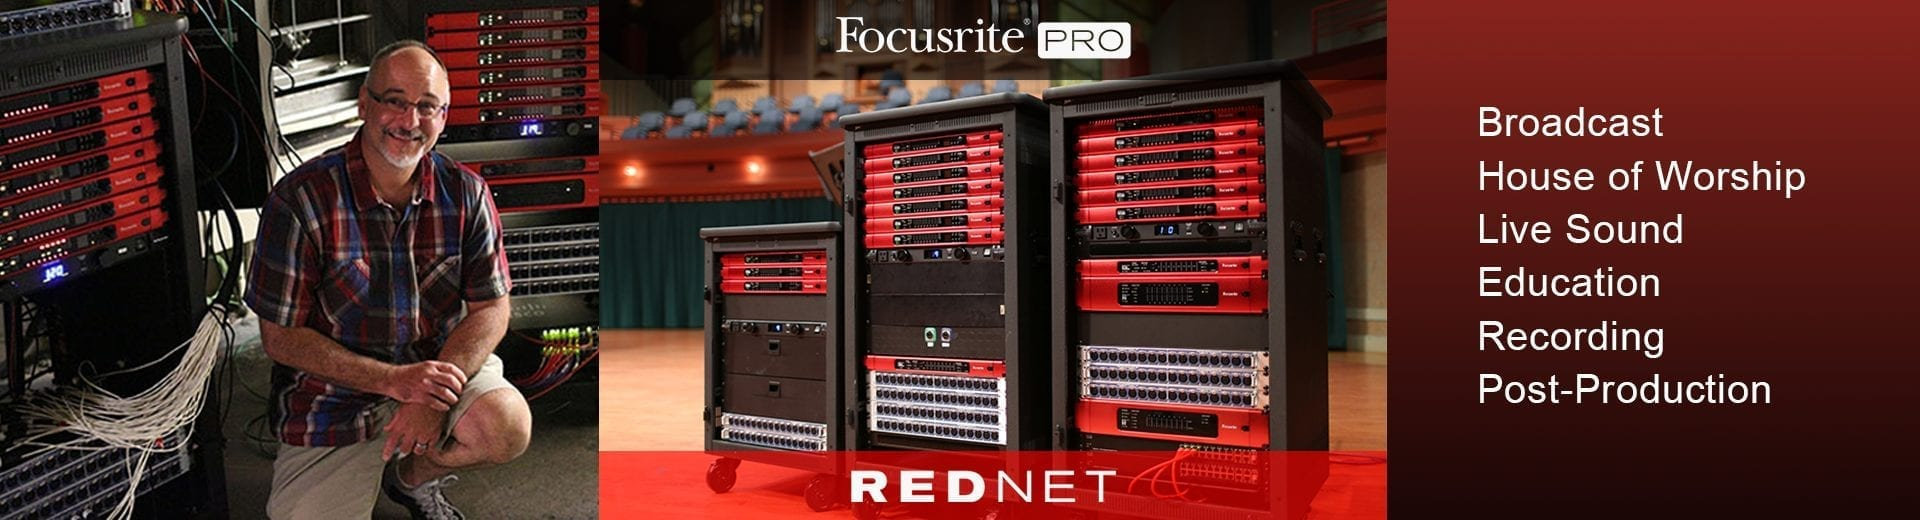 Focusrite RedNet Audio-Over-IP